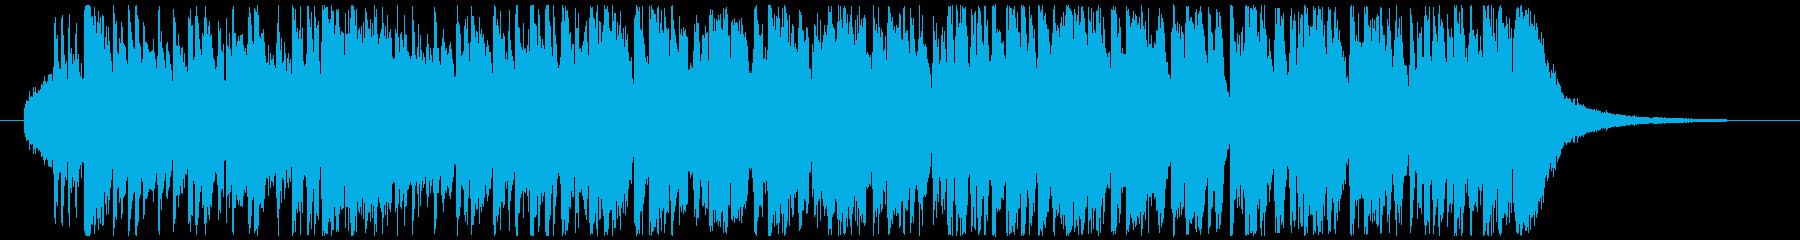 ファンク ゆっくり 魅惑 ワイルド...の再生済みの波形